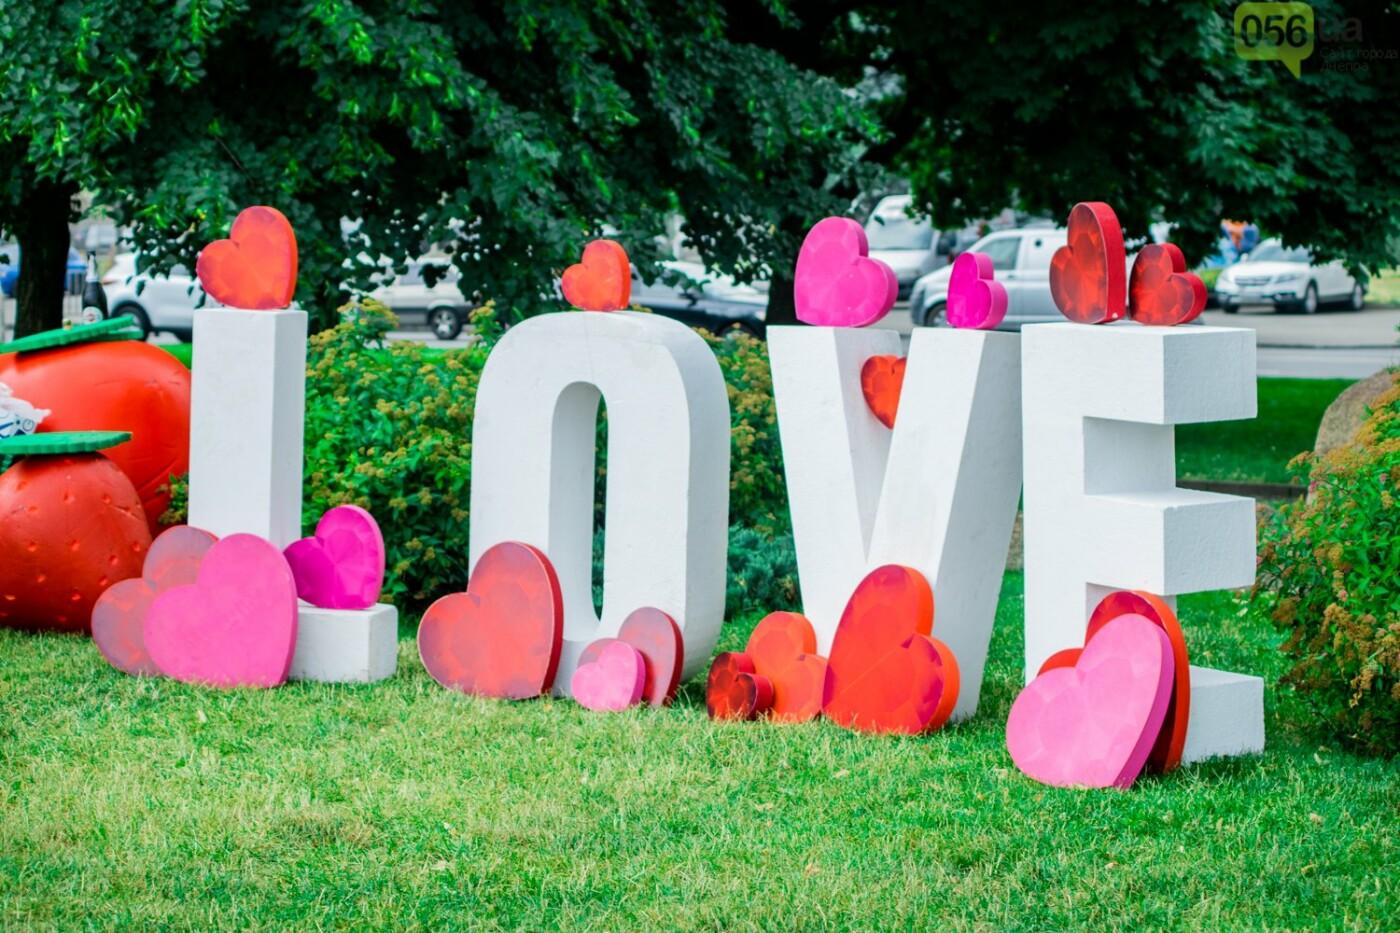 Фестиваль красок и свадьбы: как в Днепре прошел День молодежи, - ФОТОРЕПОРТАЖ, ВИДЕО, фото-29